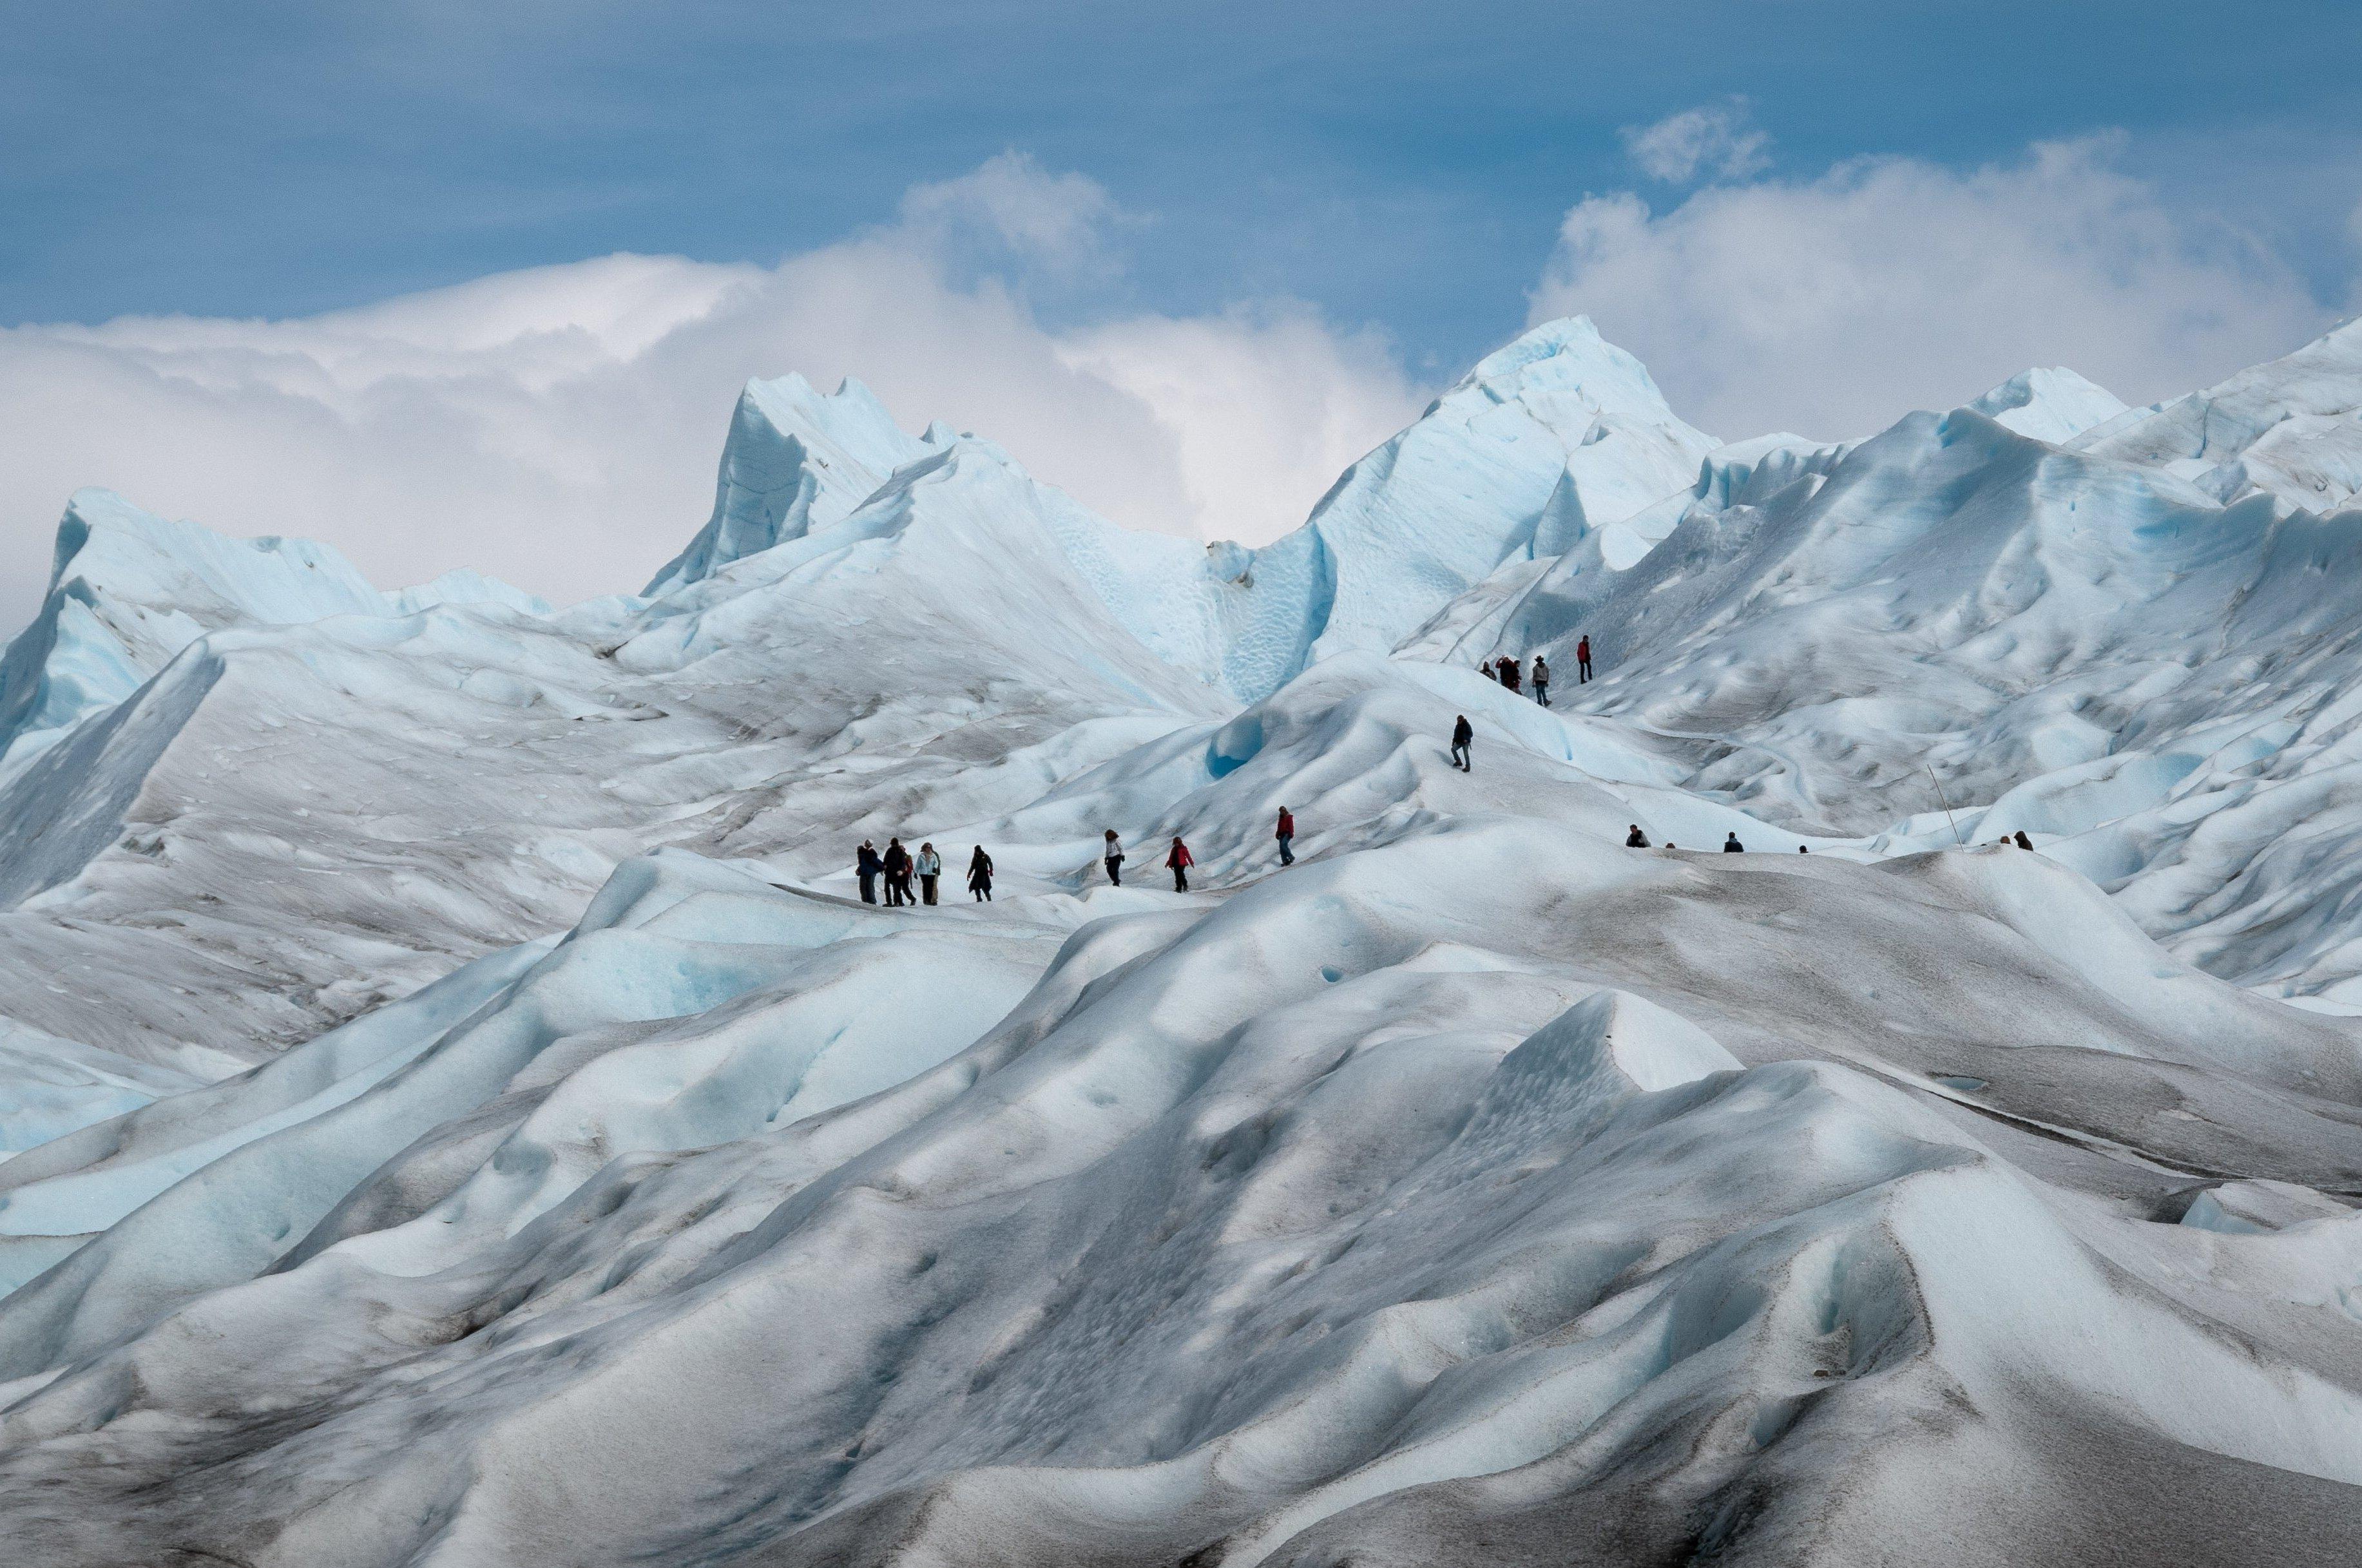 Free picture: glacier, winter, ice, mountain, cold, snow